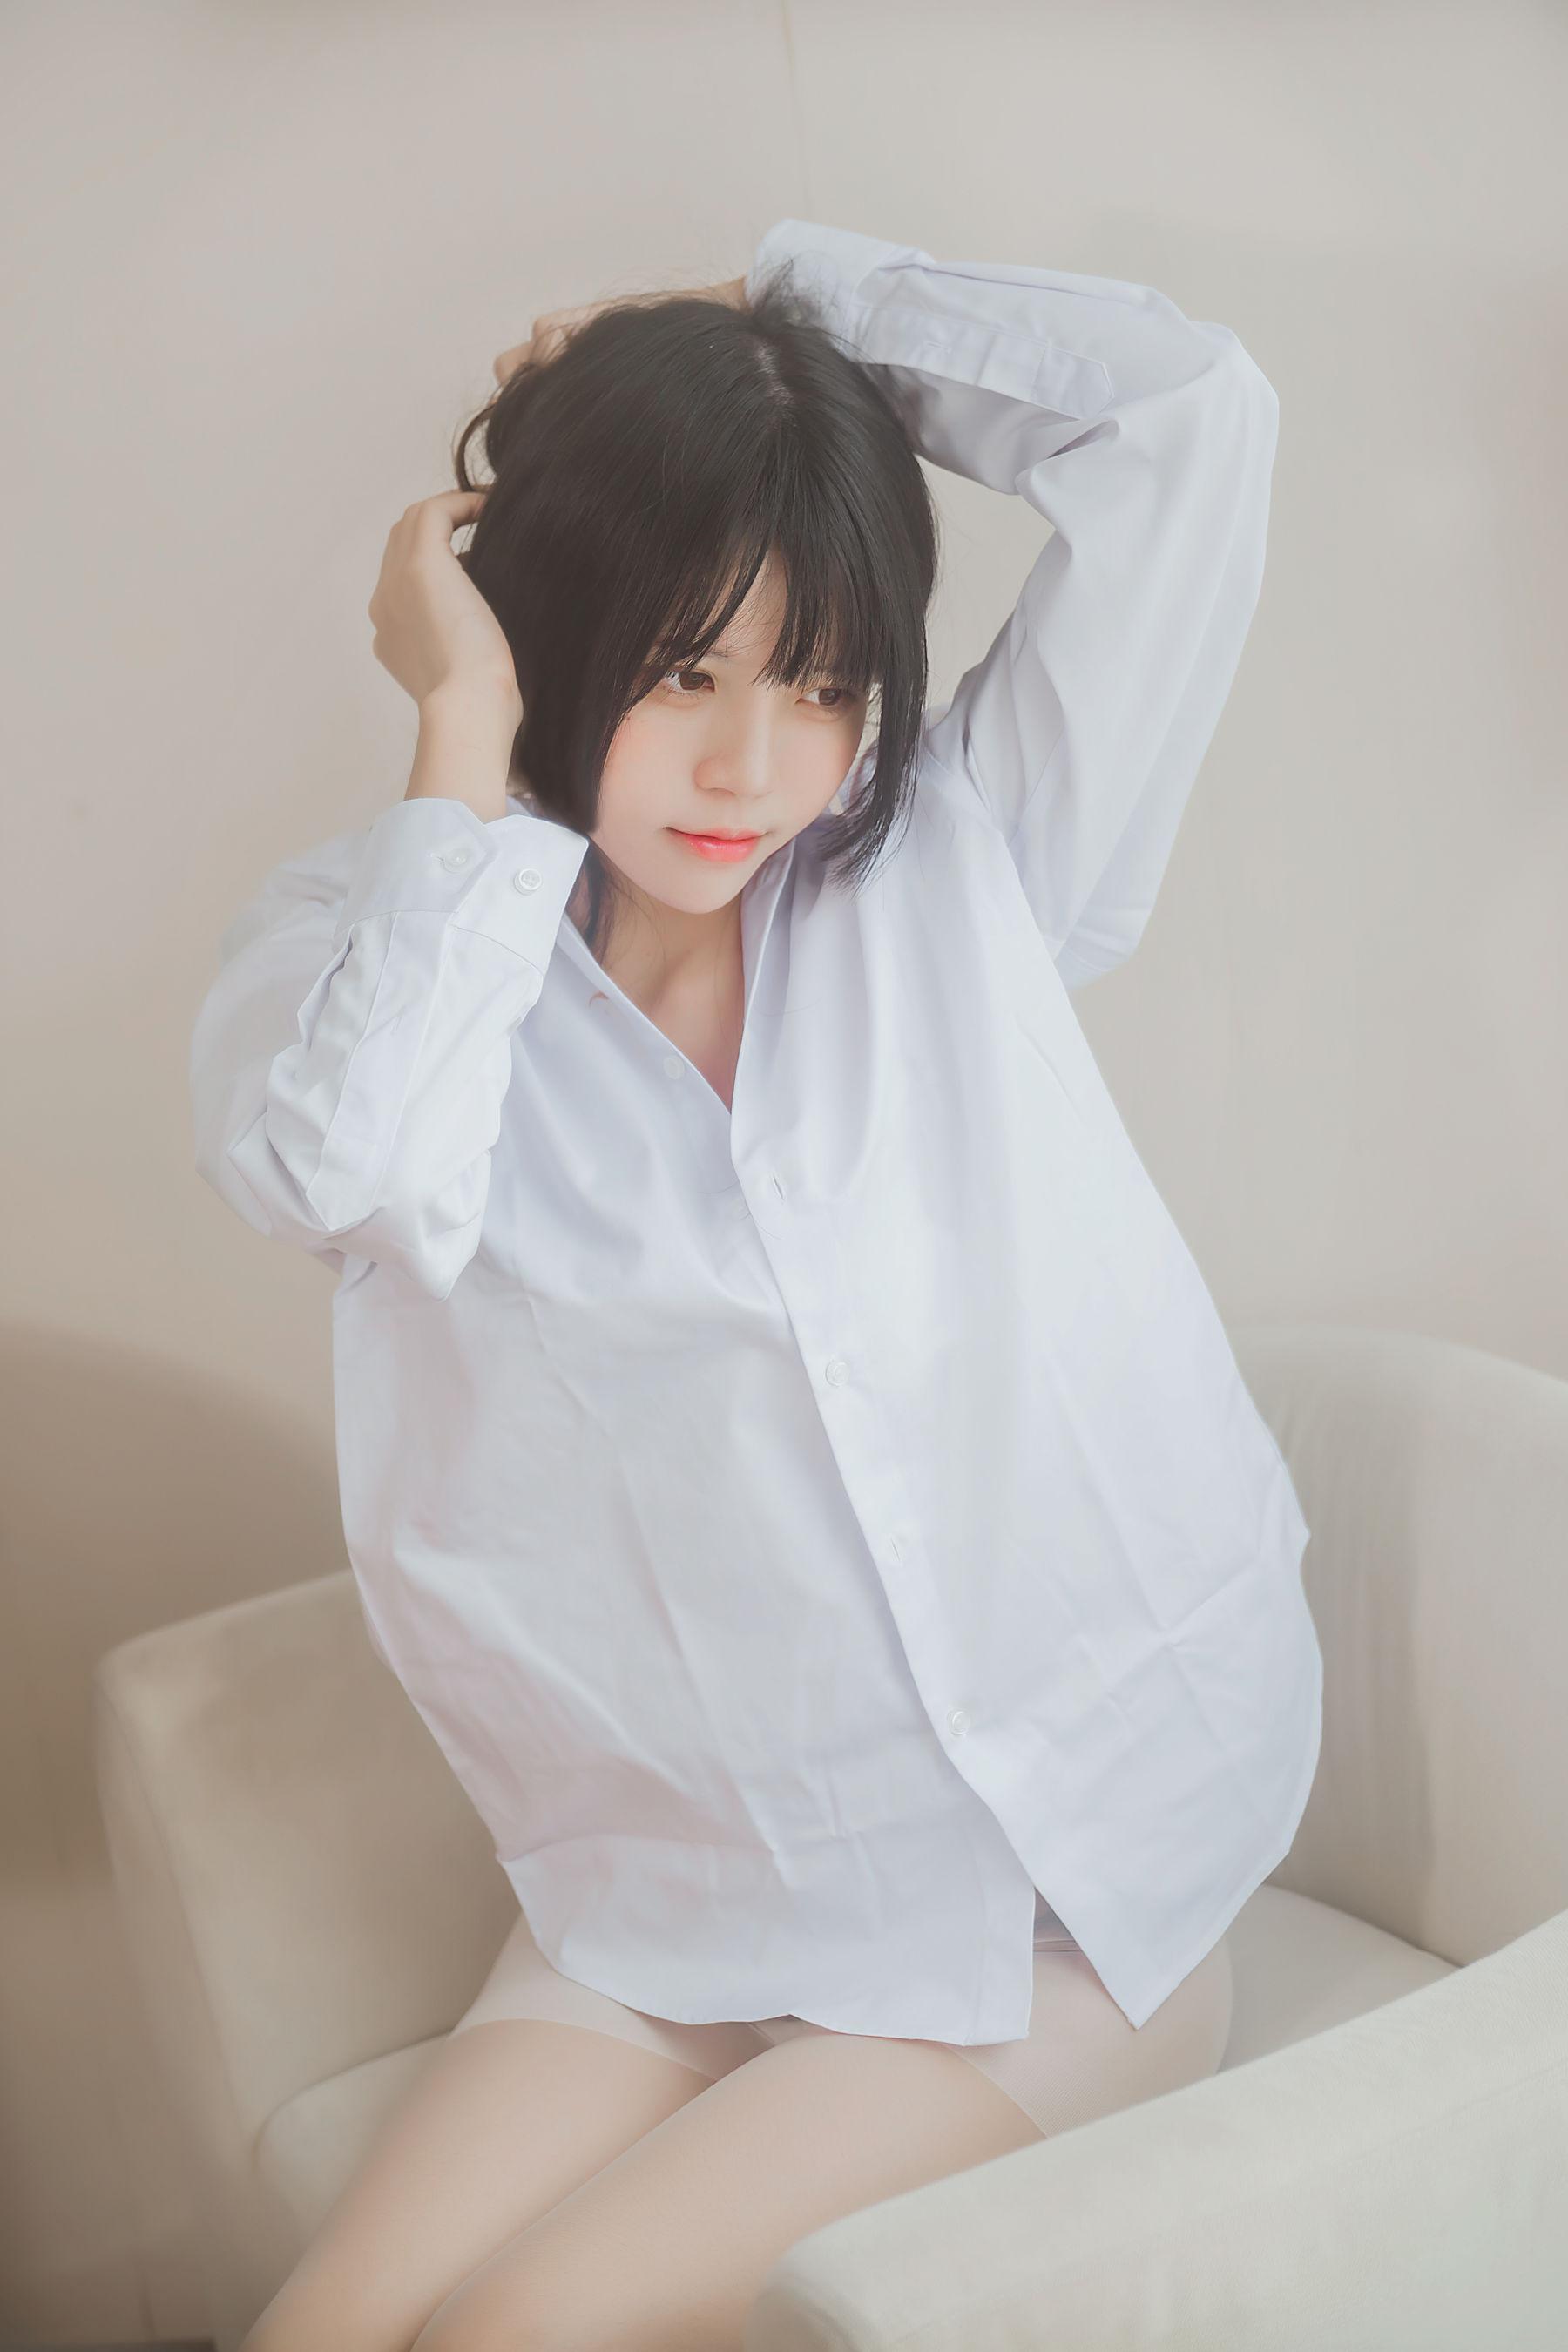 福利美图 桜桃未熟-白衬衫散发